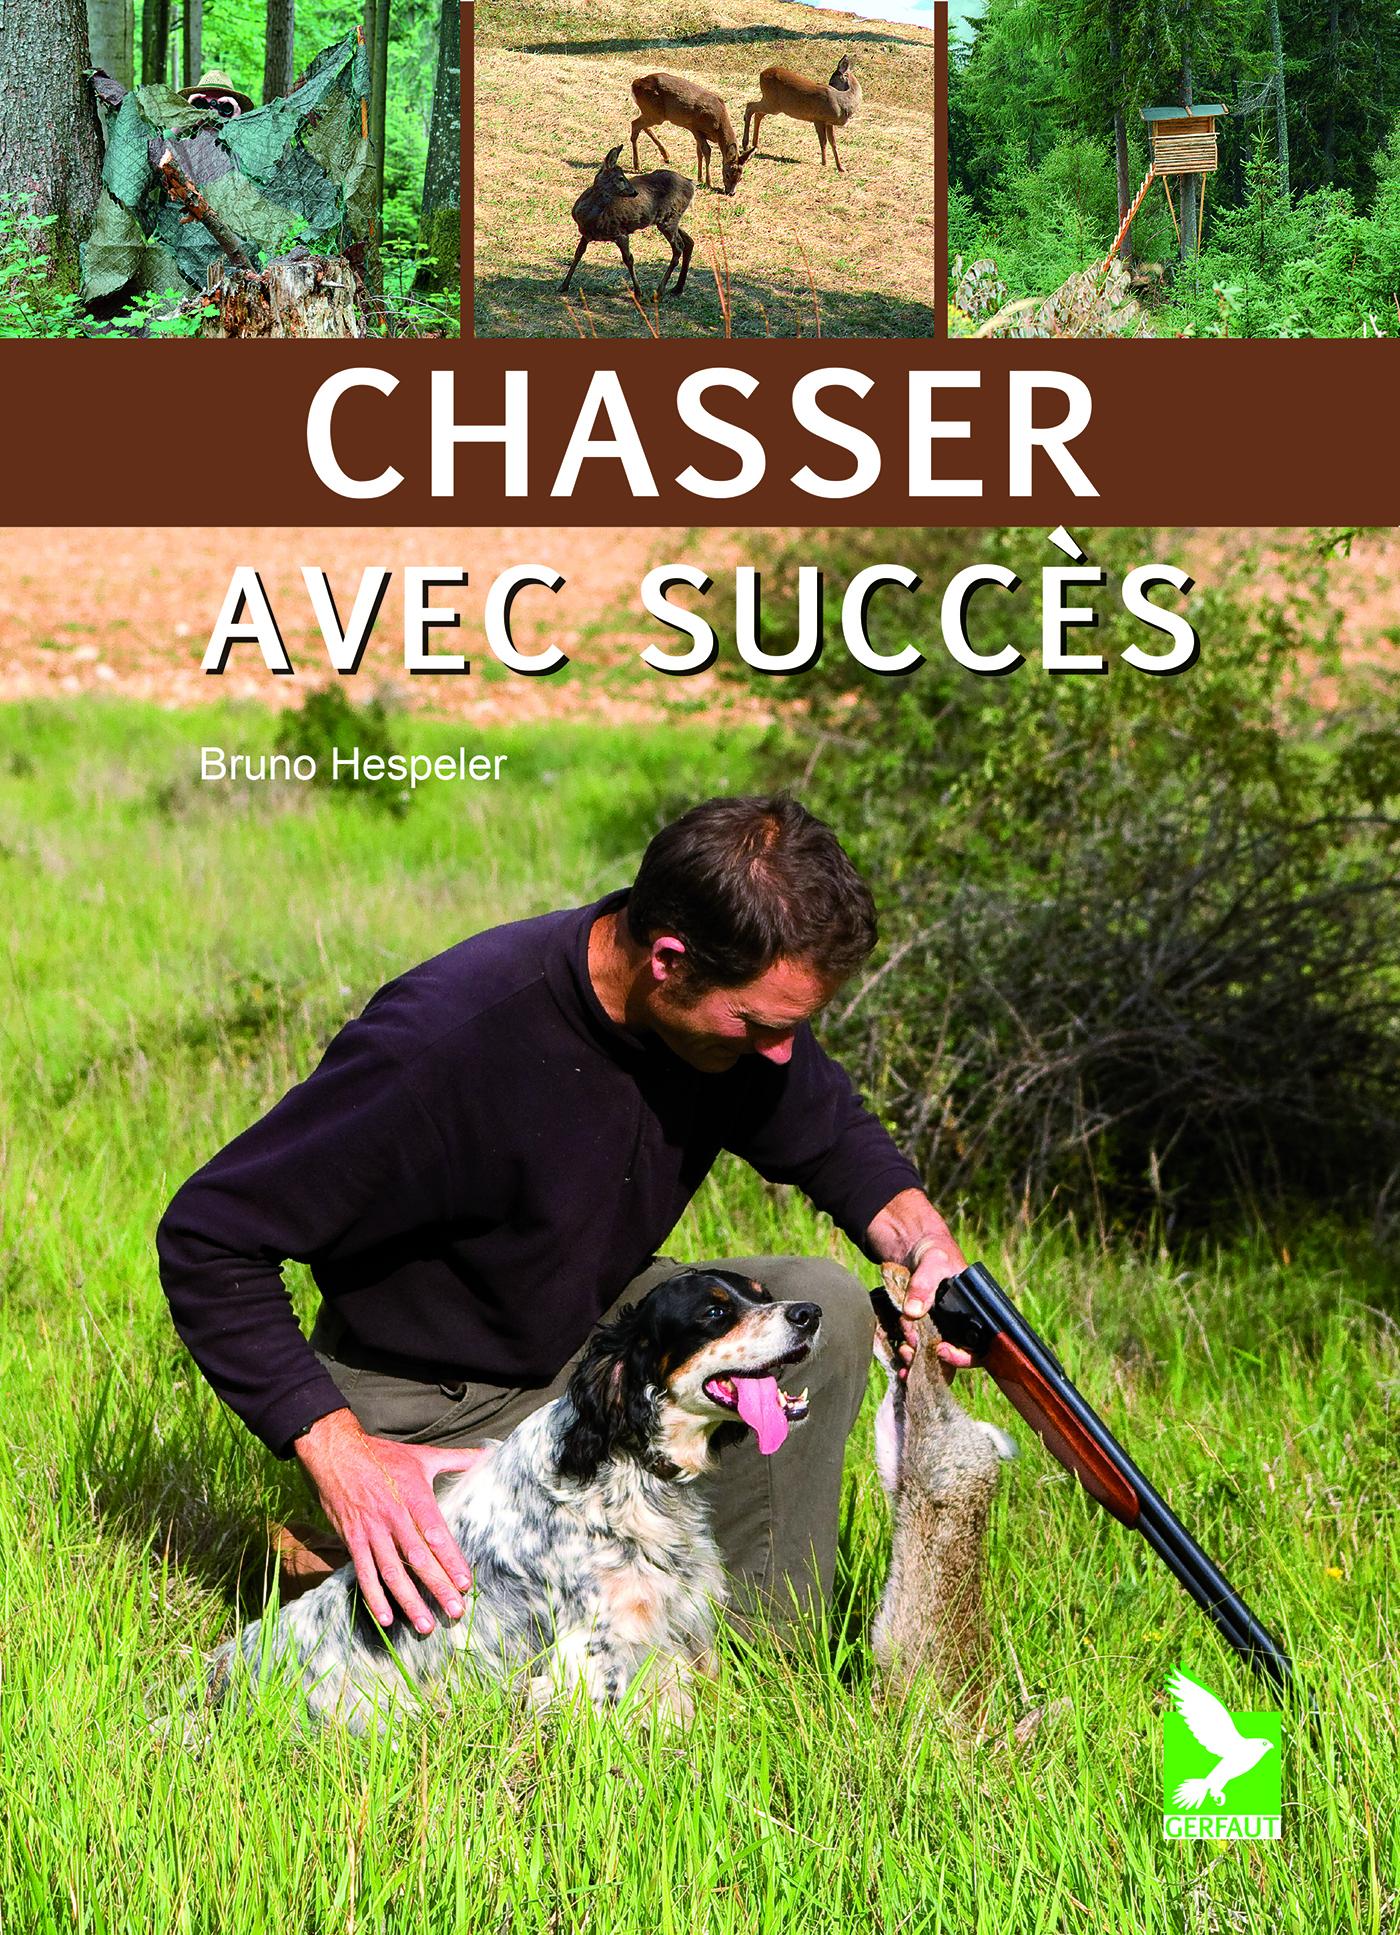 CHASSER AVEC SUCCES